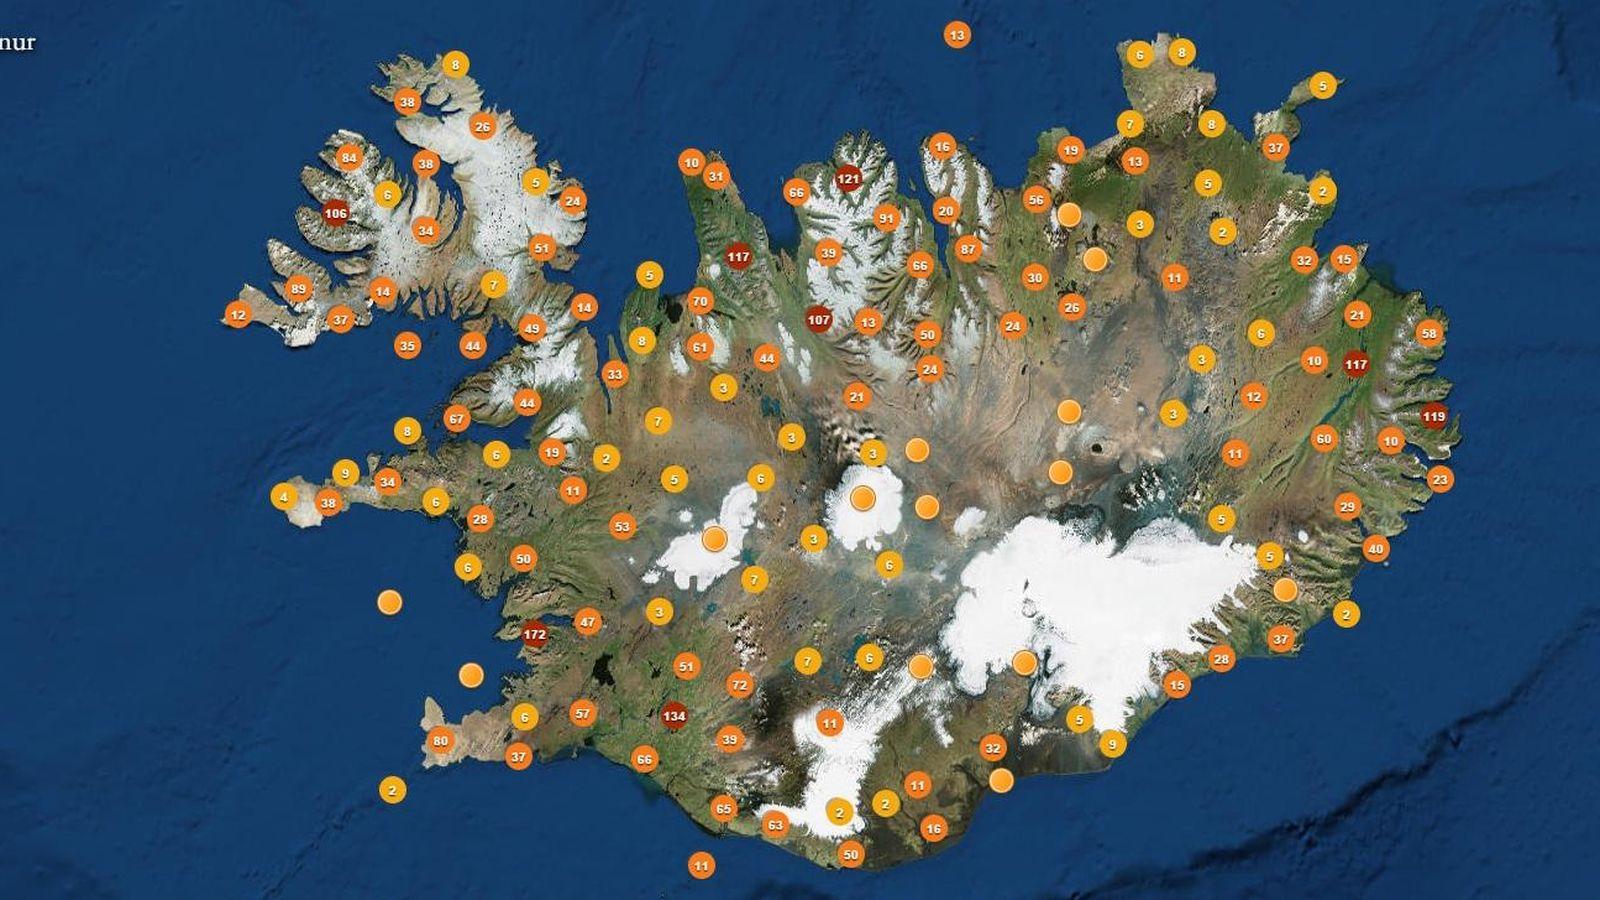 Foto: Mapa de 'avistamientos' de elfos en Islandia (Saga Foundation)